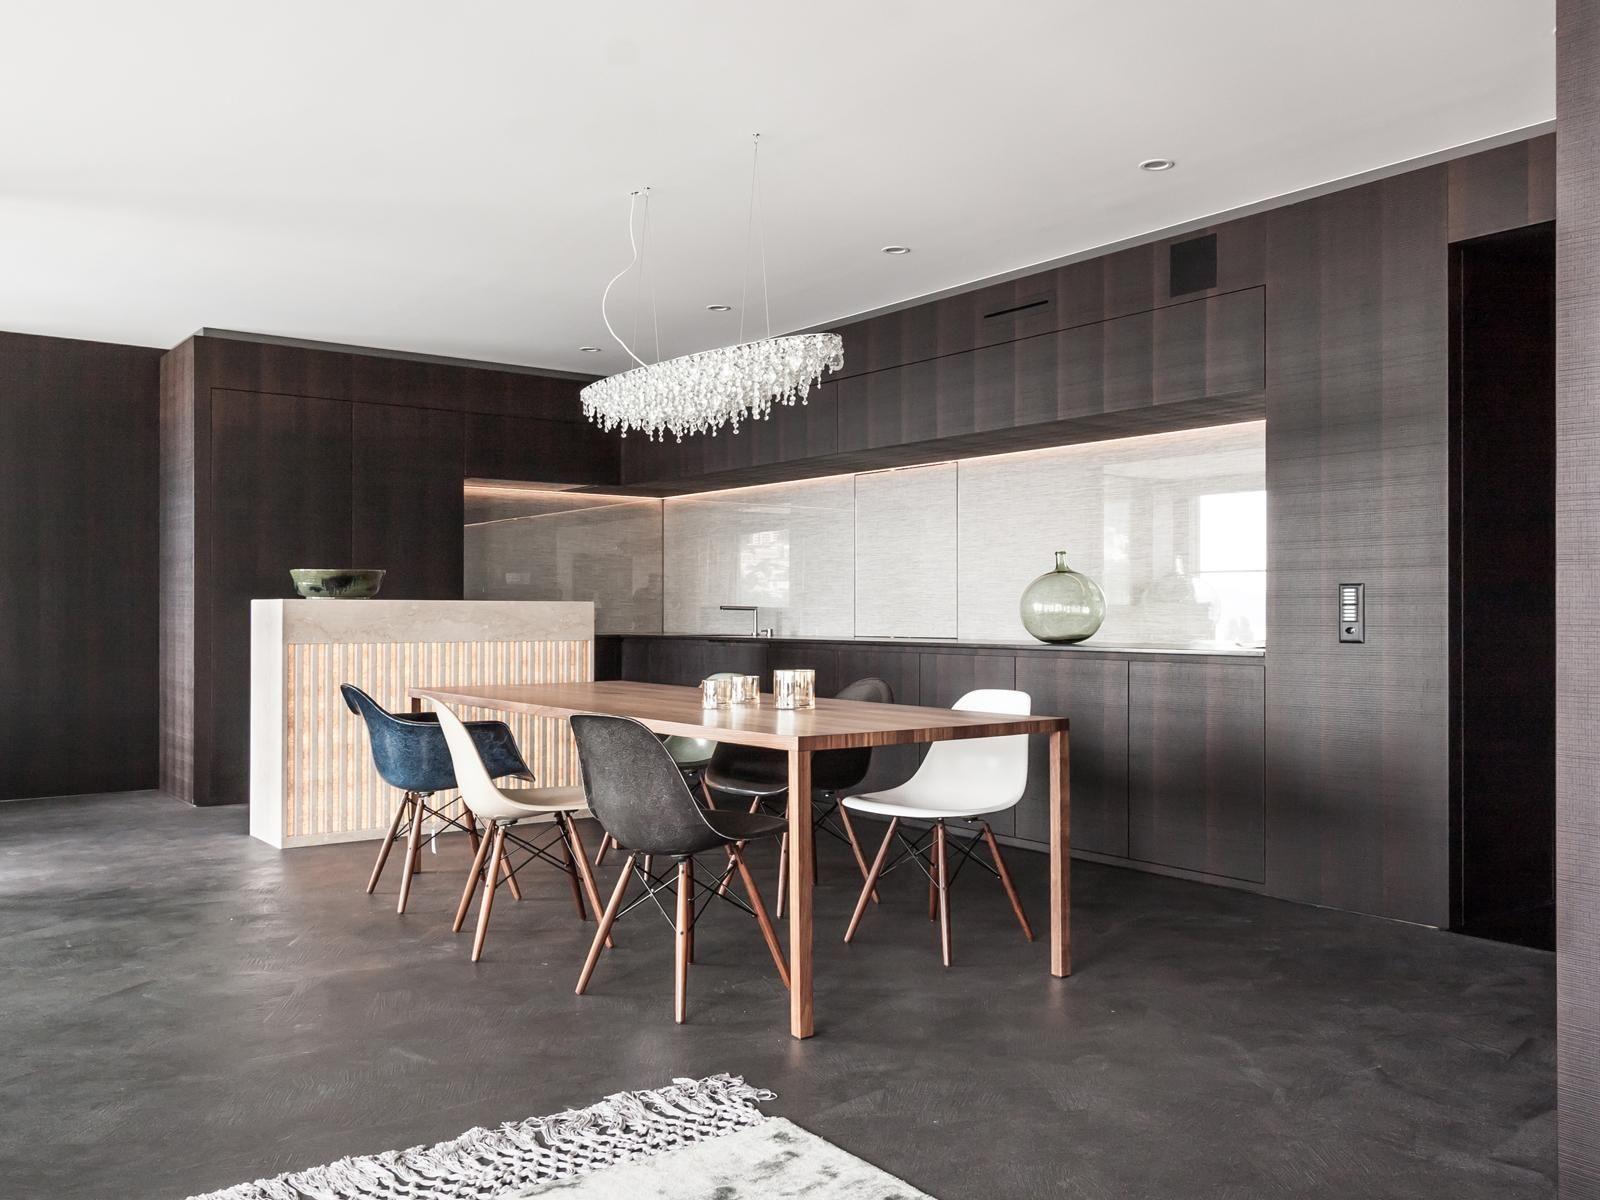 Charmant Küche Umbau Hillsborough Nj Zeitgenössisch - Ideen Für Die ...